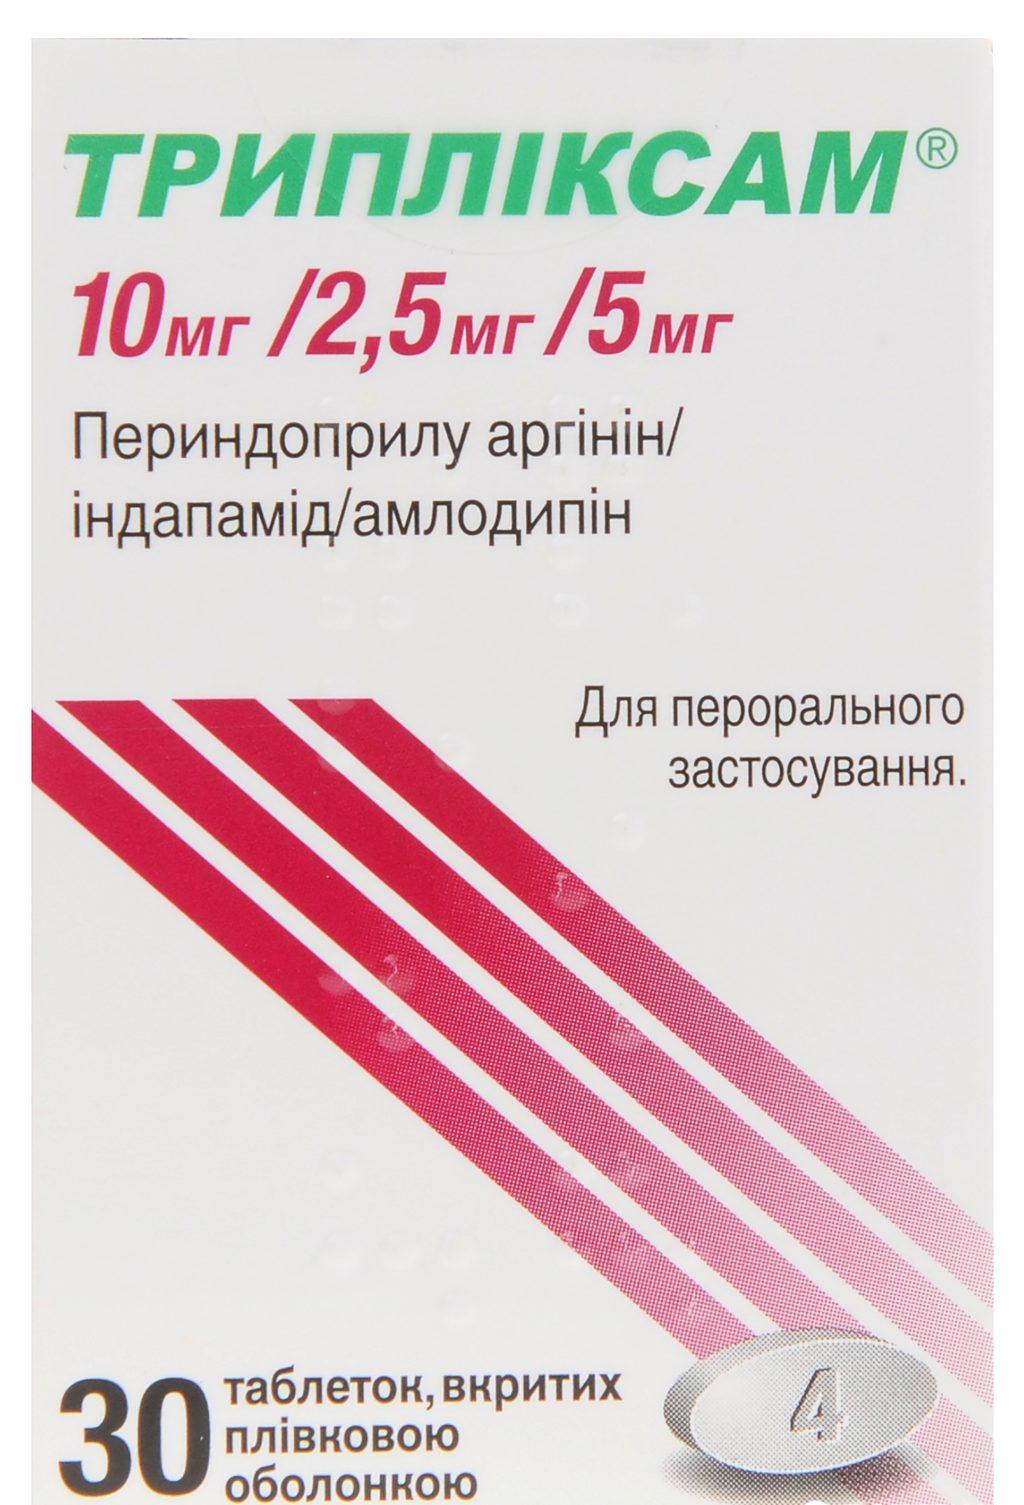 OTSZ Online - Új európai ajánlás a hipertónia kezelésére